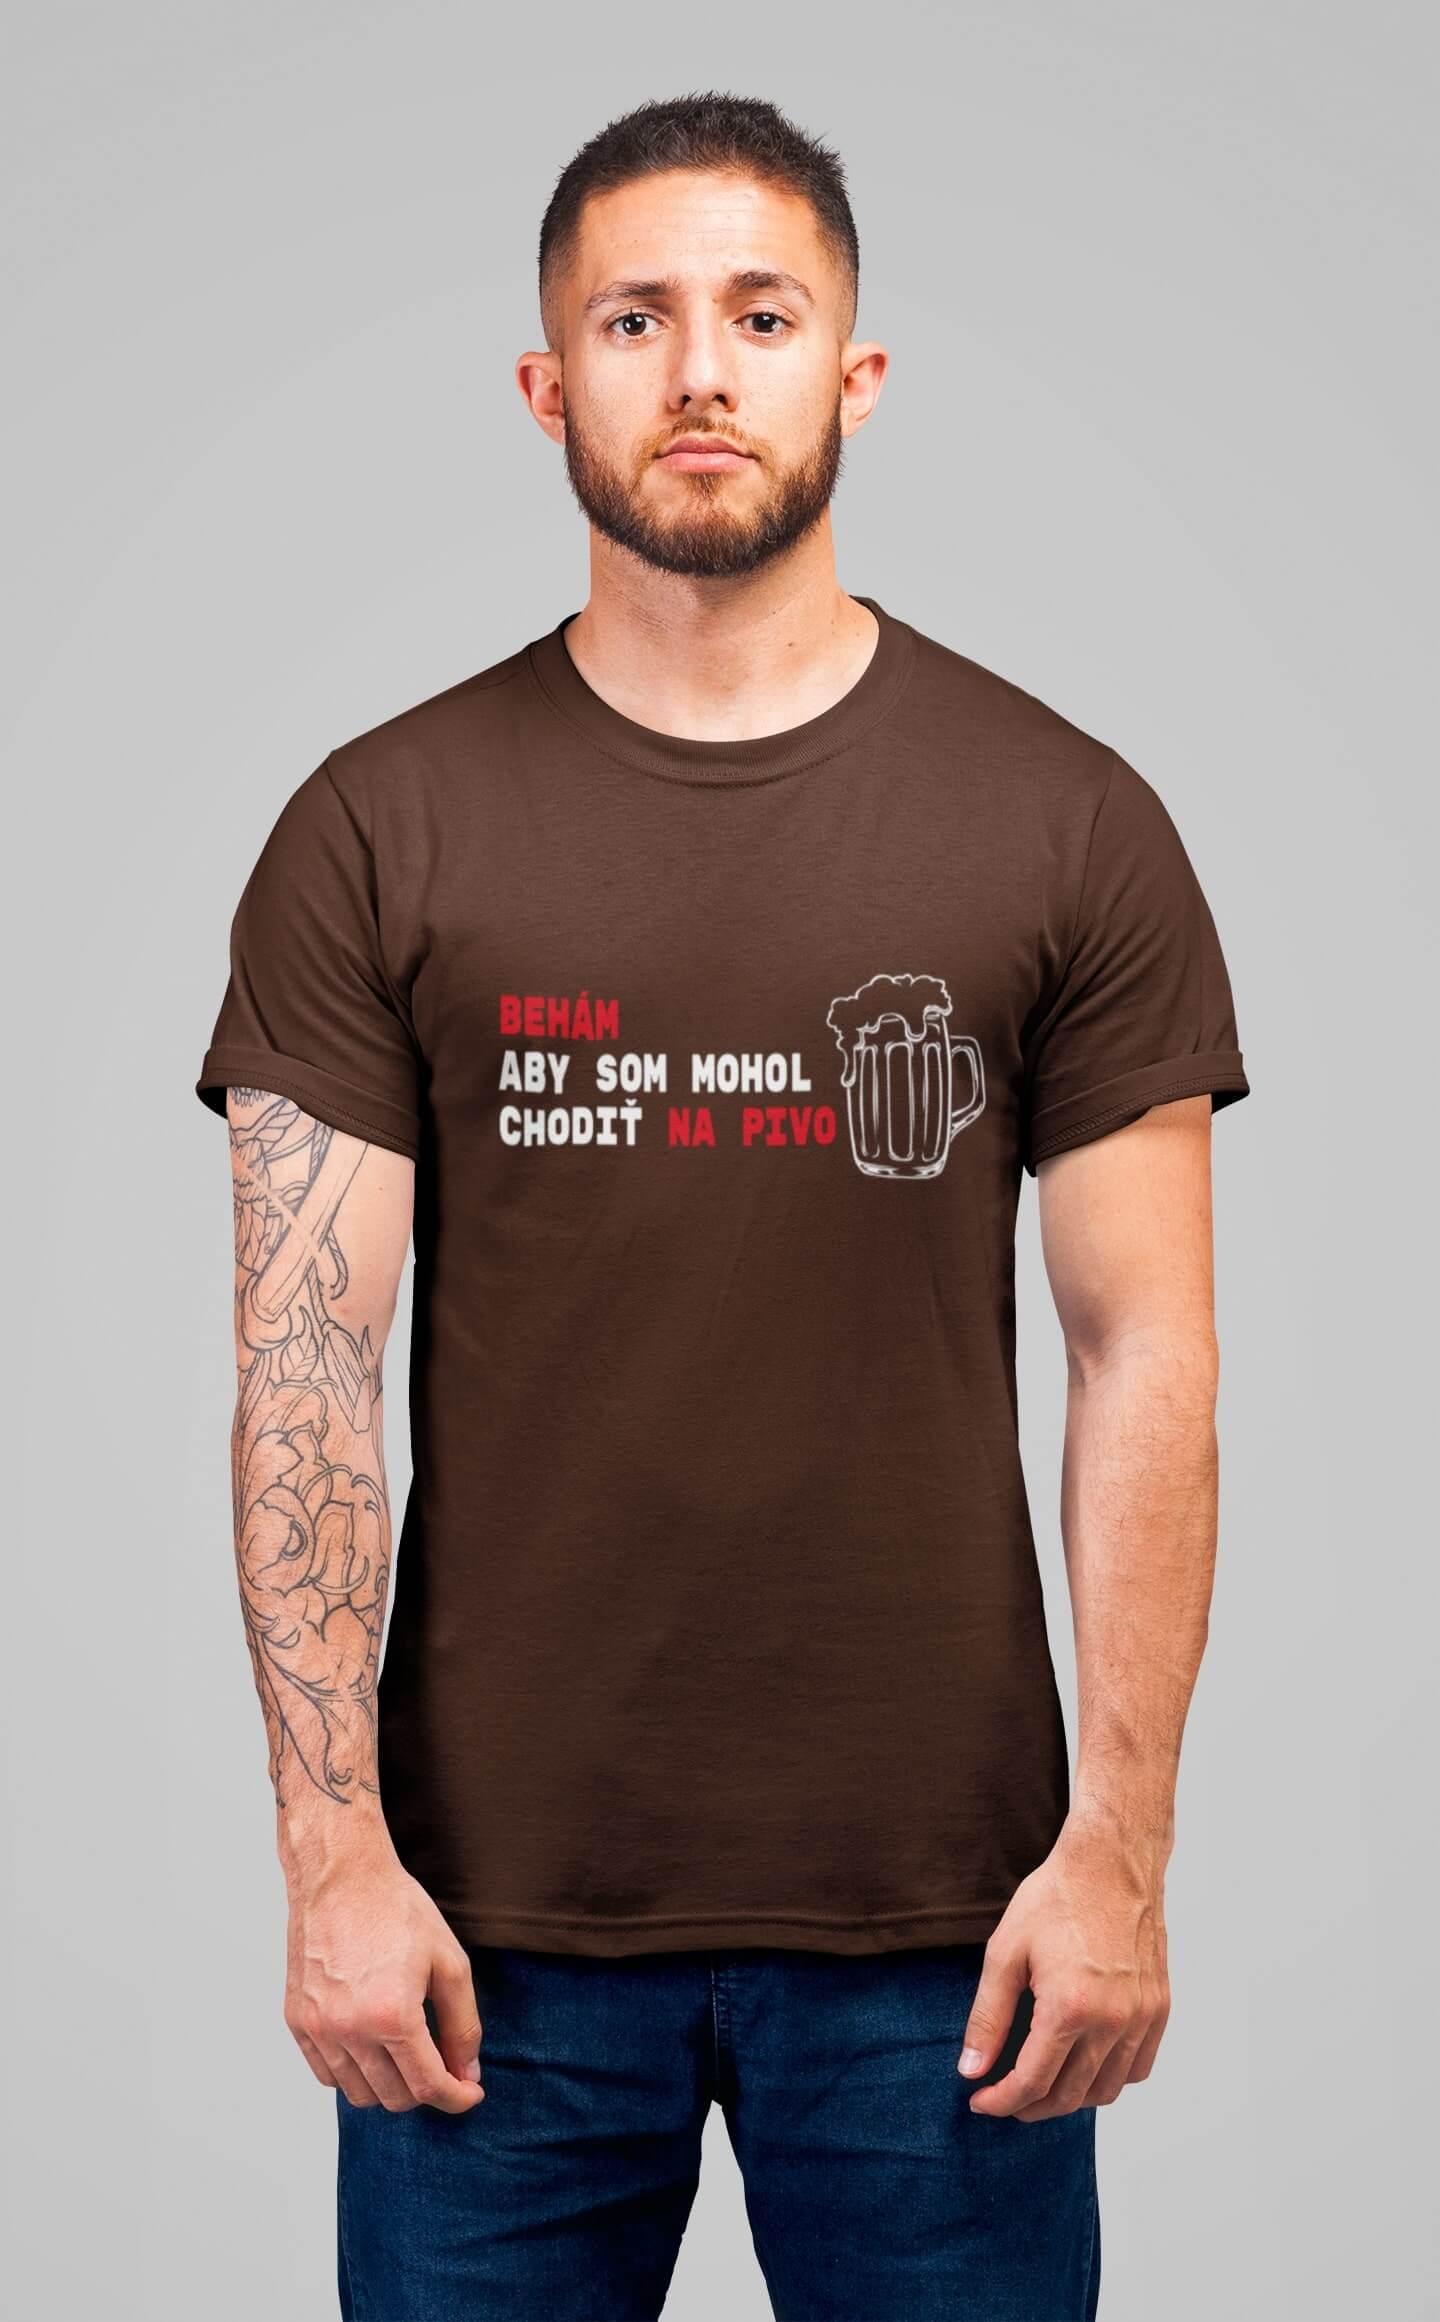 MMO Pánske tričko Behám Vyberte farbu: Čokoládová, Vyberte veľkosť: XL